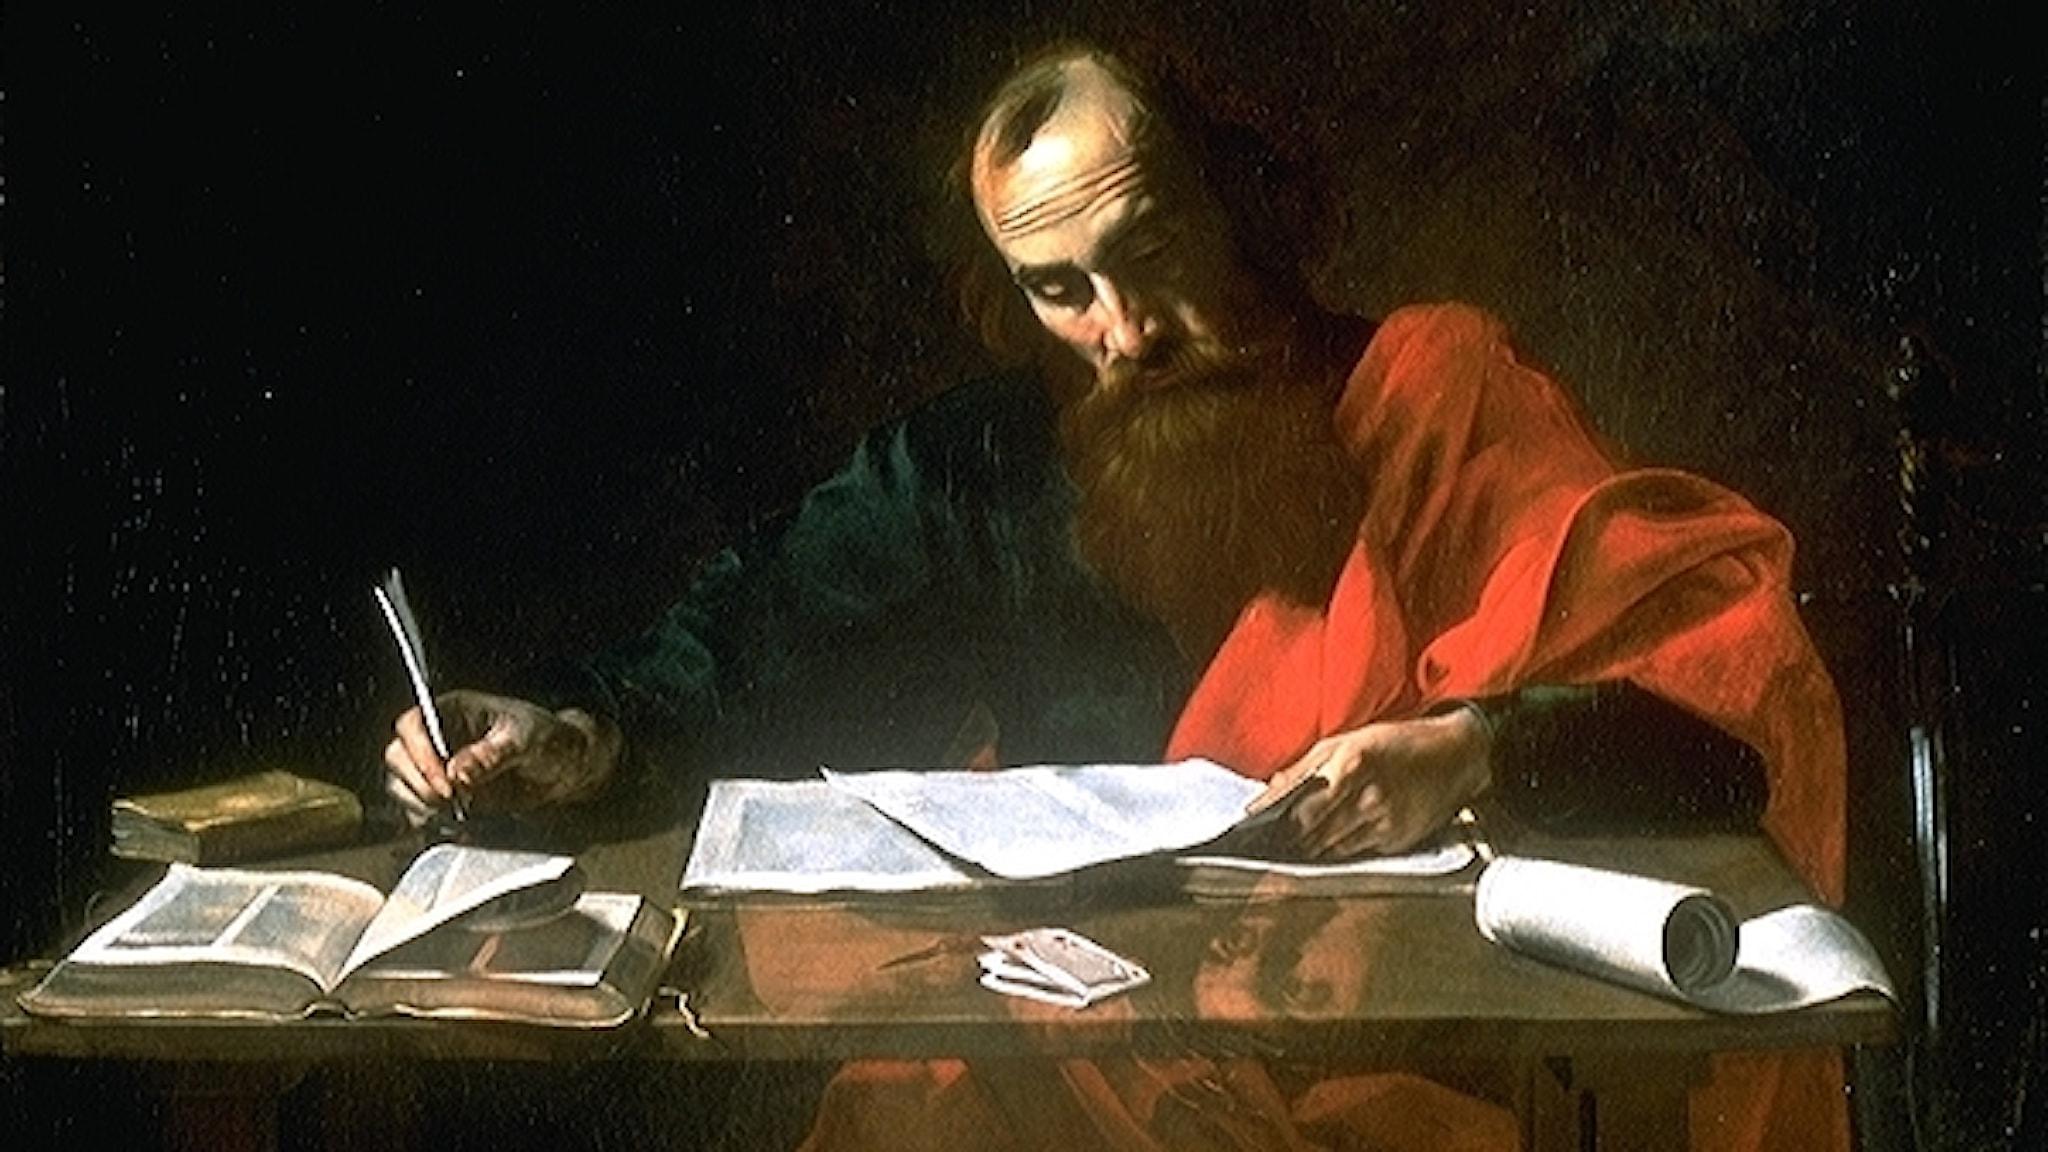 Paulus skriver sina brev, målning av Valentin de Boulogne (1591–1632).